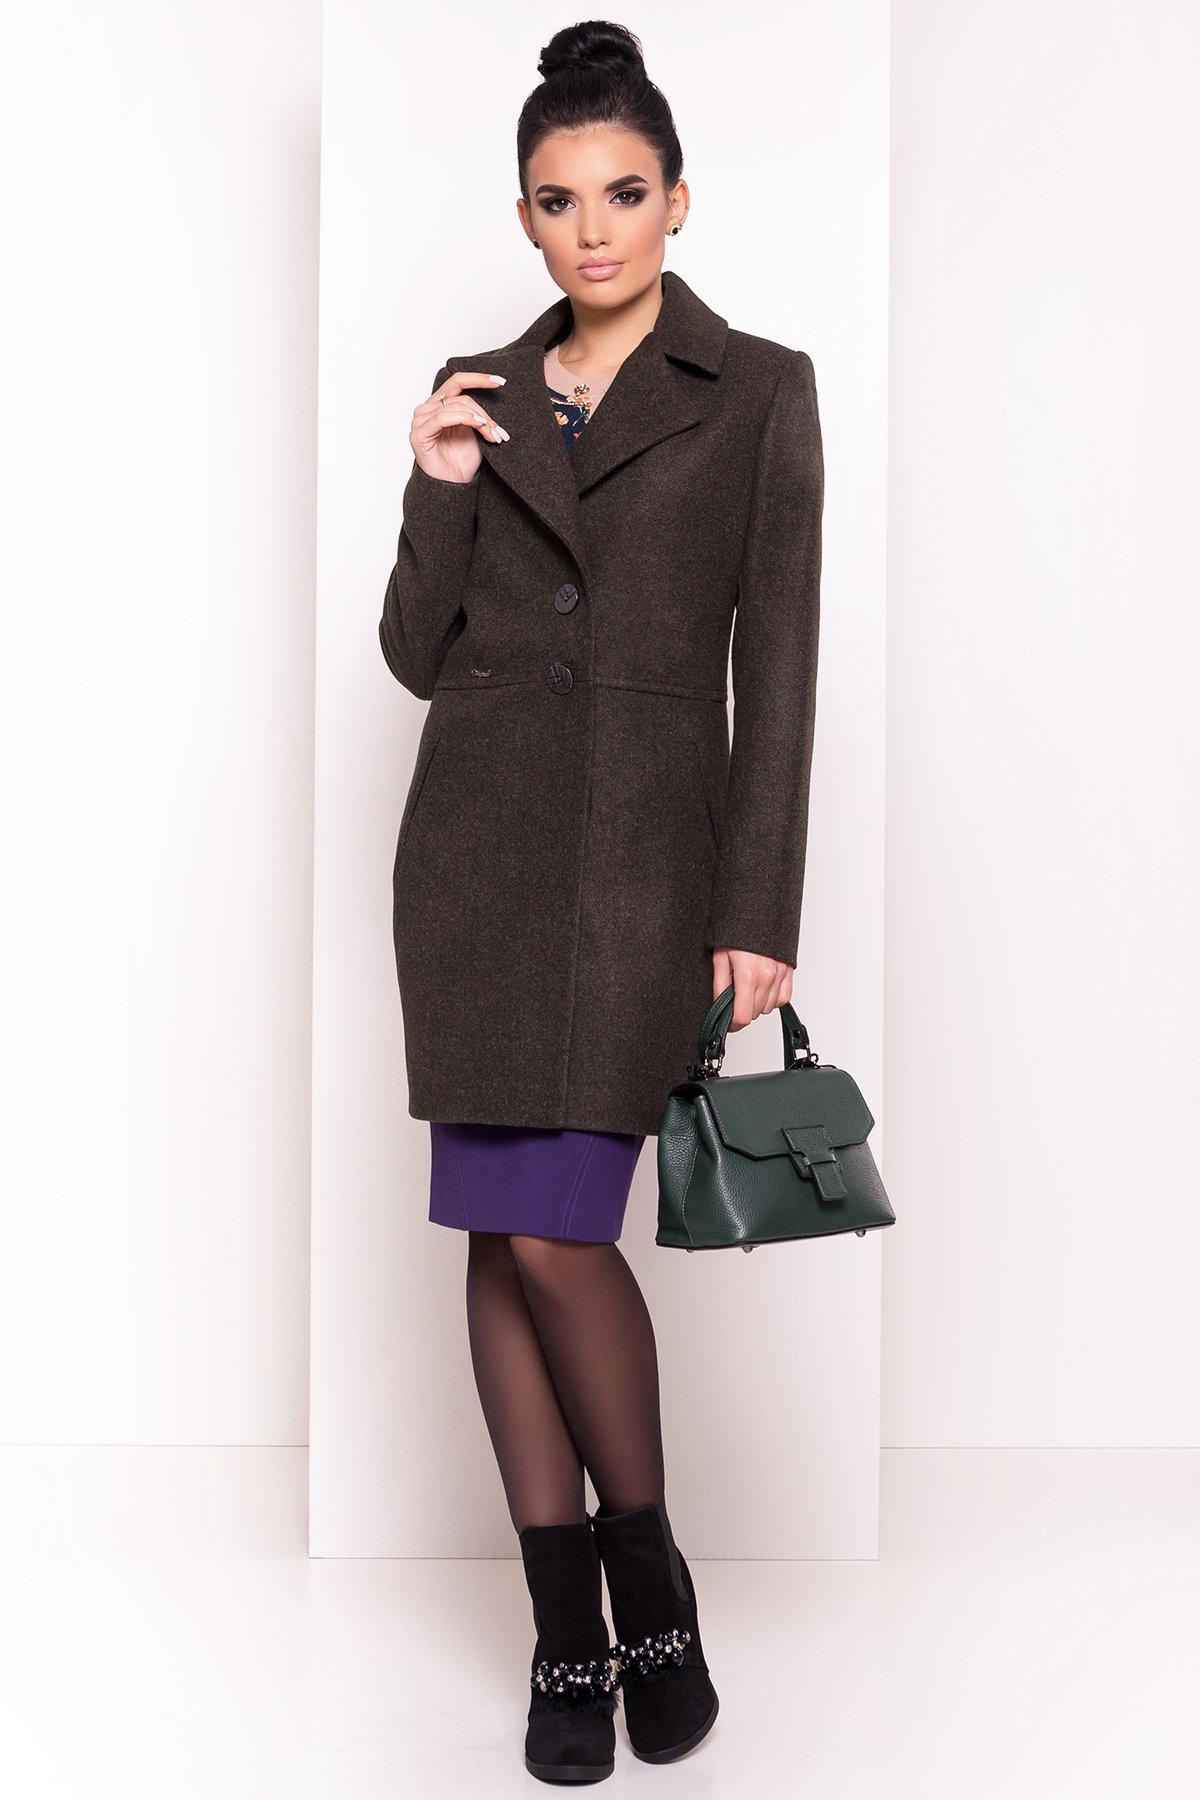 Стильное демисезонное пальто Габриэлла 5295 АРТ. 37285 Цвет: Хаки - фото 4, интернет магазин tm-modus.ru